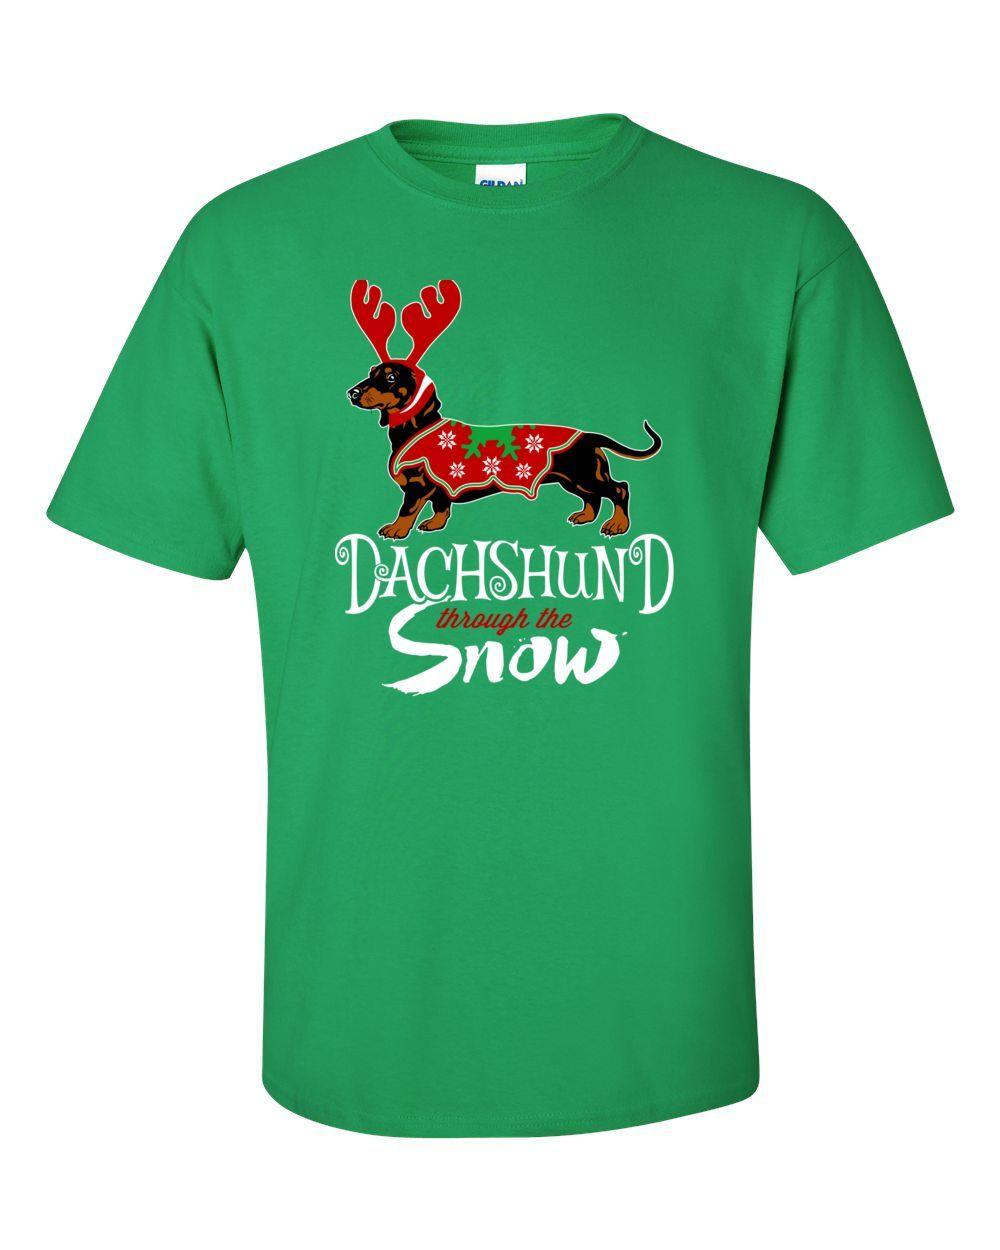 Dachshund Through The Snow Tee